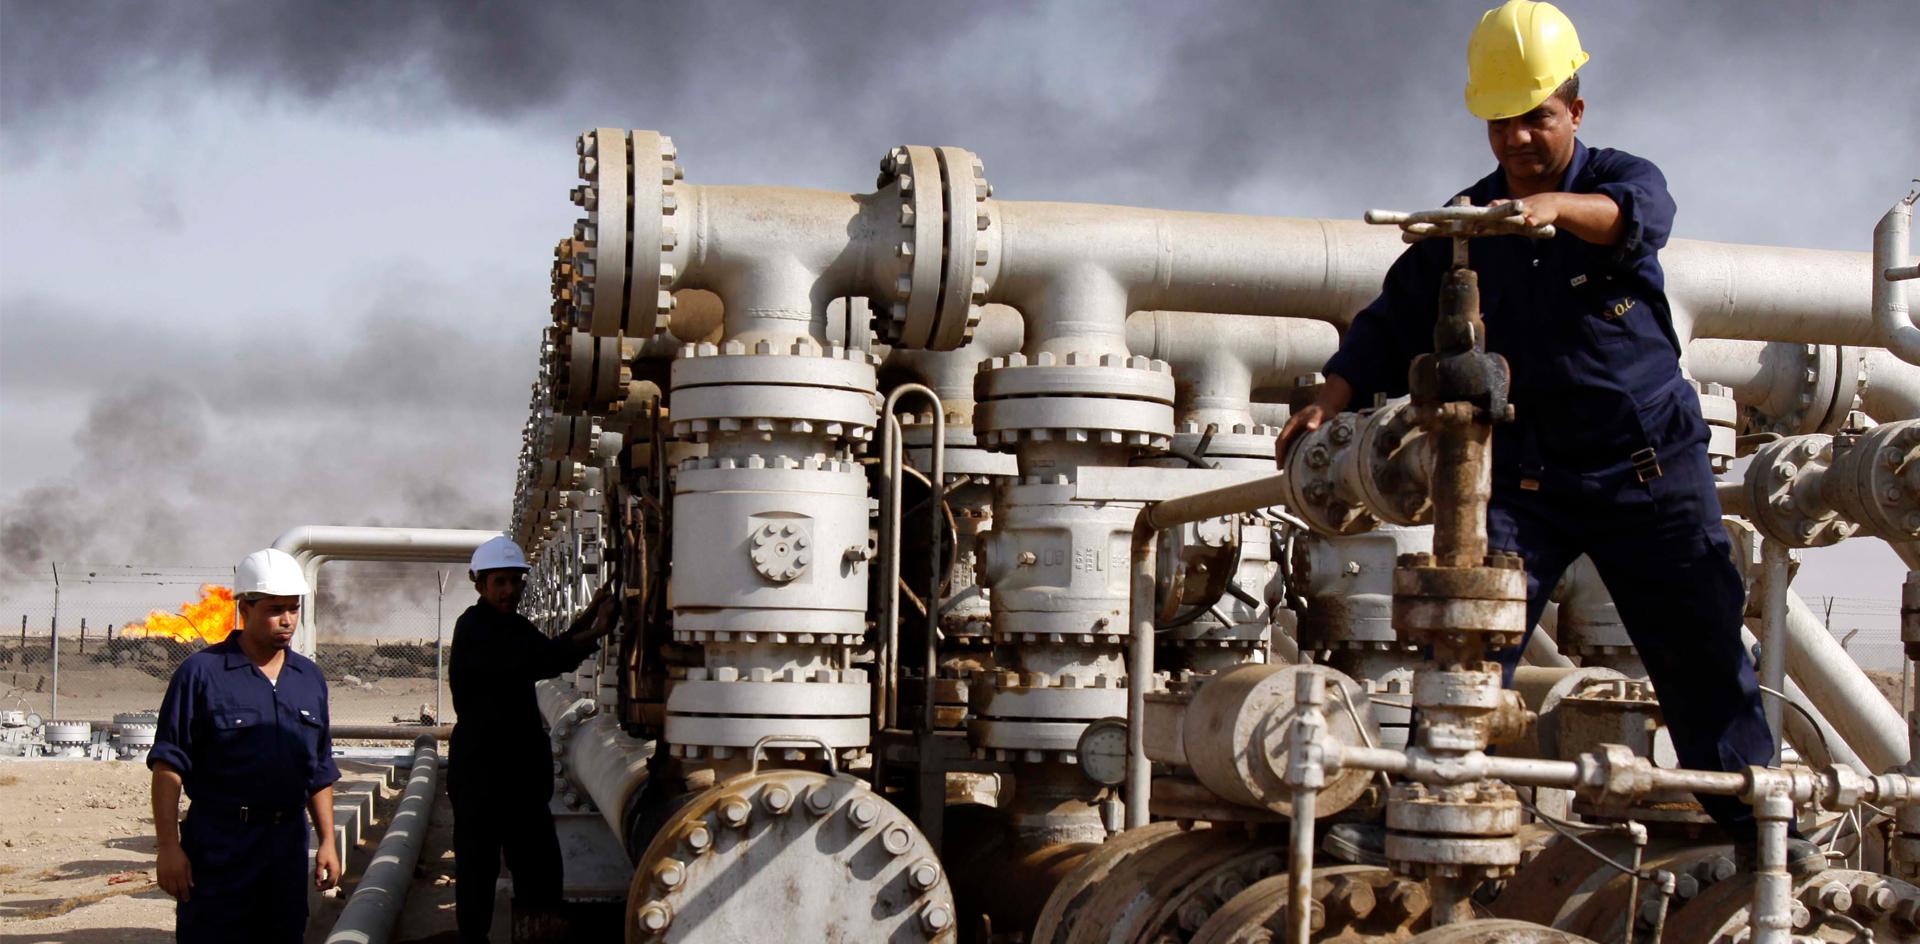 Нефтяной коронакризис. Состоится ли соглашение ОПЕК+2.0?